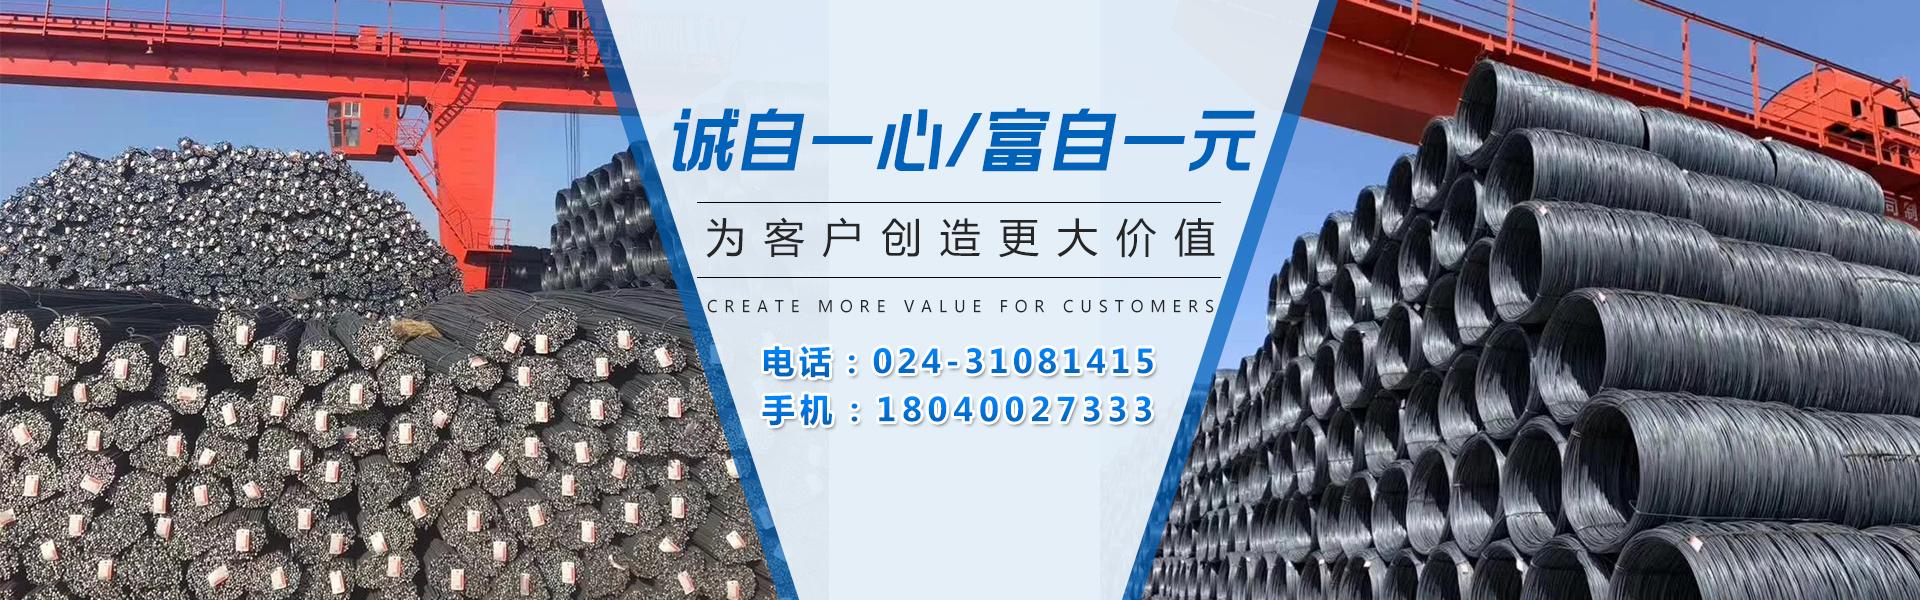 沈陽螺紋鋼 沈陽盤螺 沈陽線材 沈陽圓鋼 沈陽鋼筋廠家